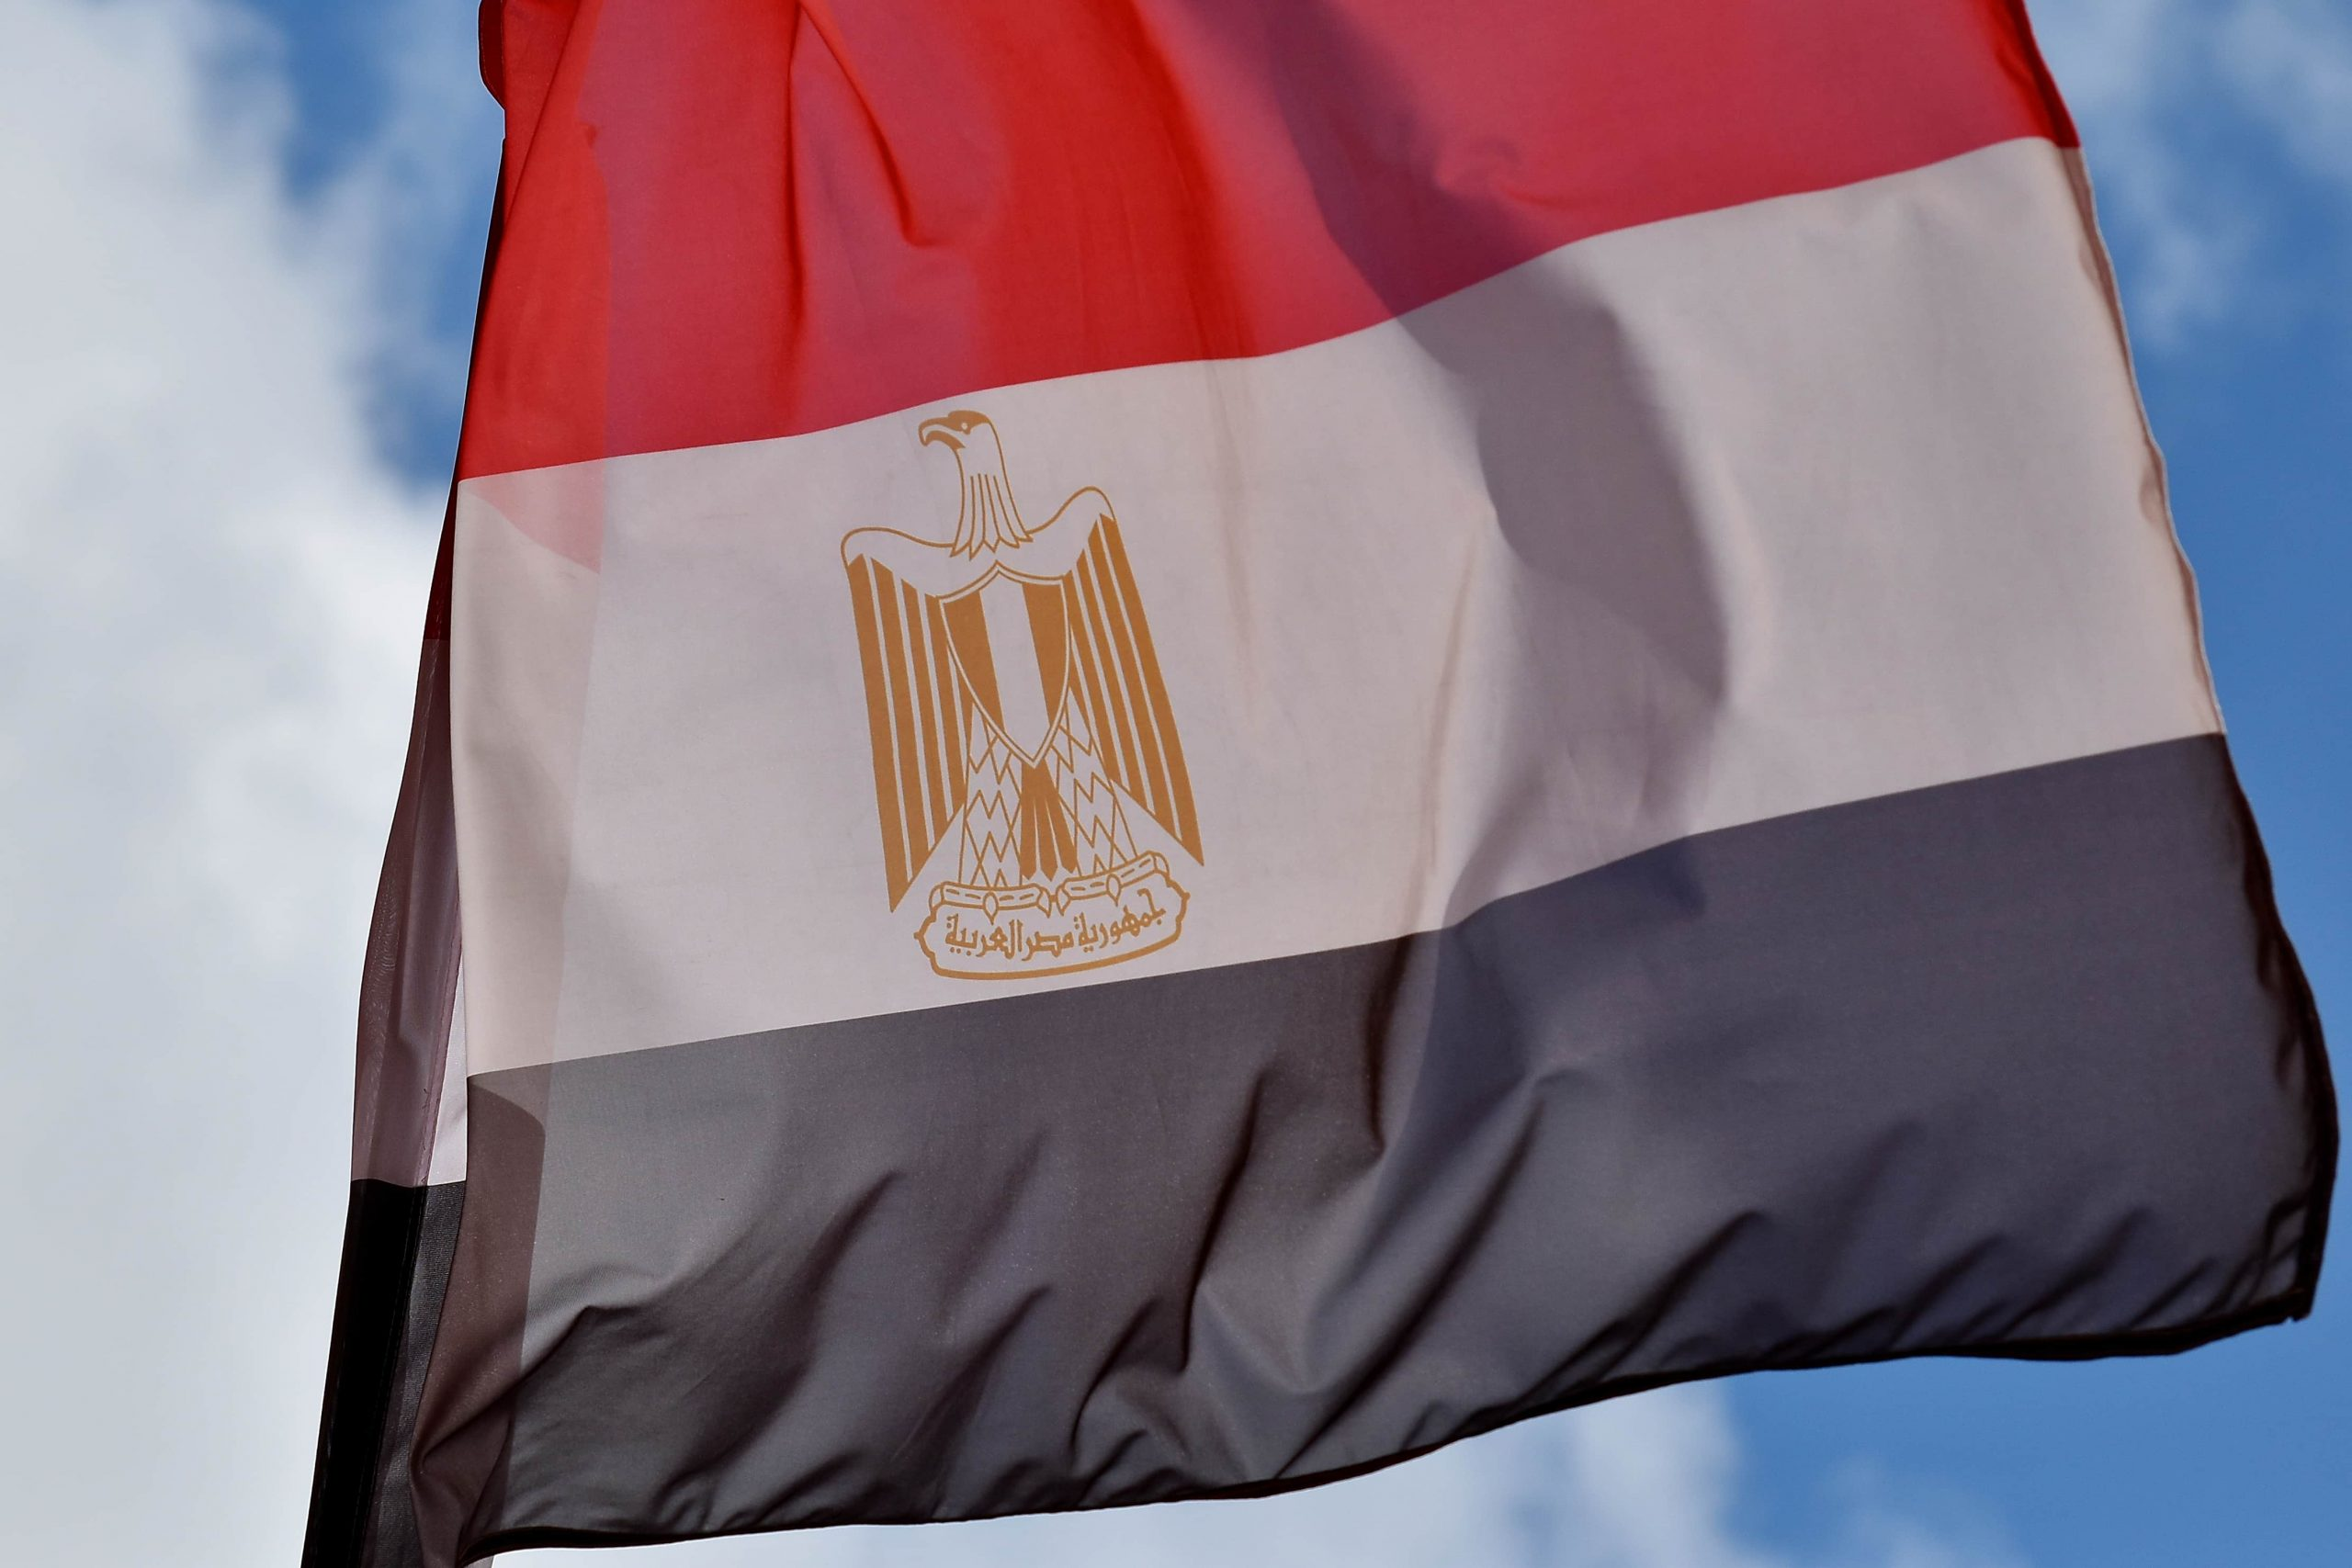 Cartina Egitto In Italiano.Italia Ed Egitto Una Relazione Travagliata Orizzonti Politici